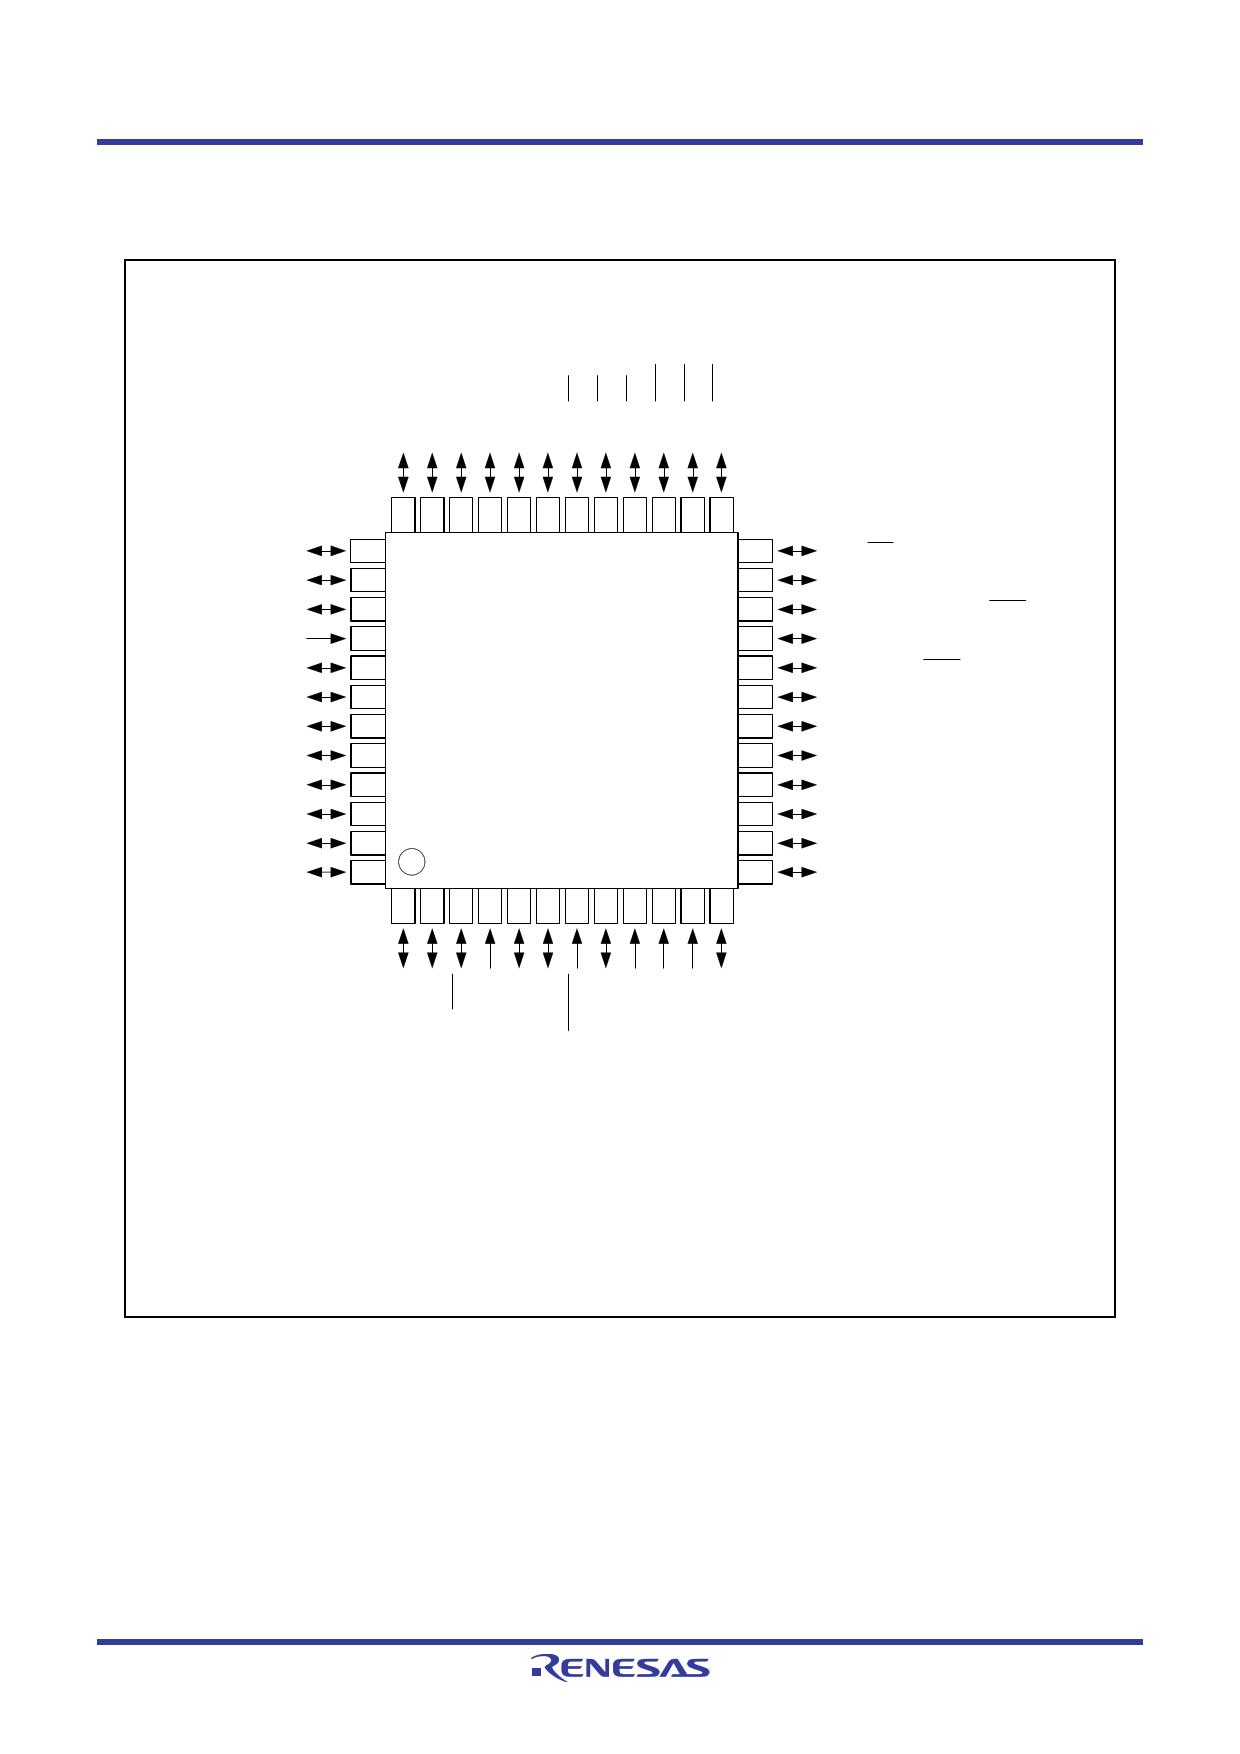 R5F21228KFP 전자부품, 판매, 대치품